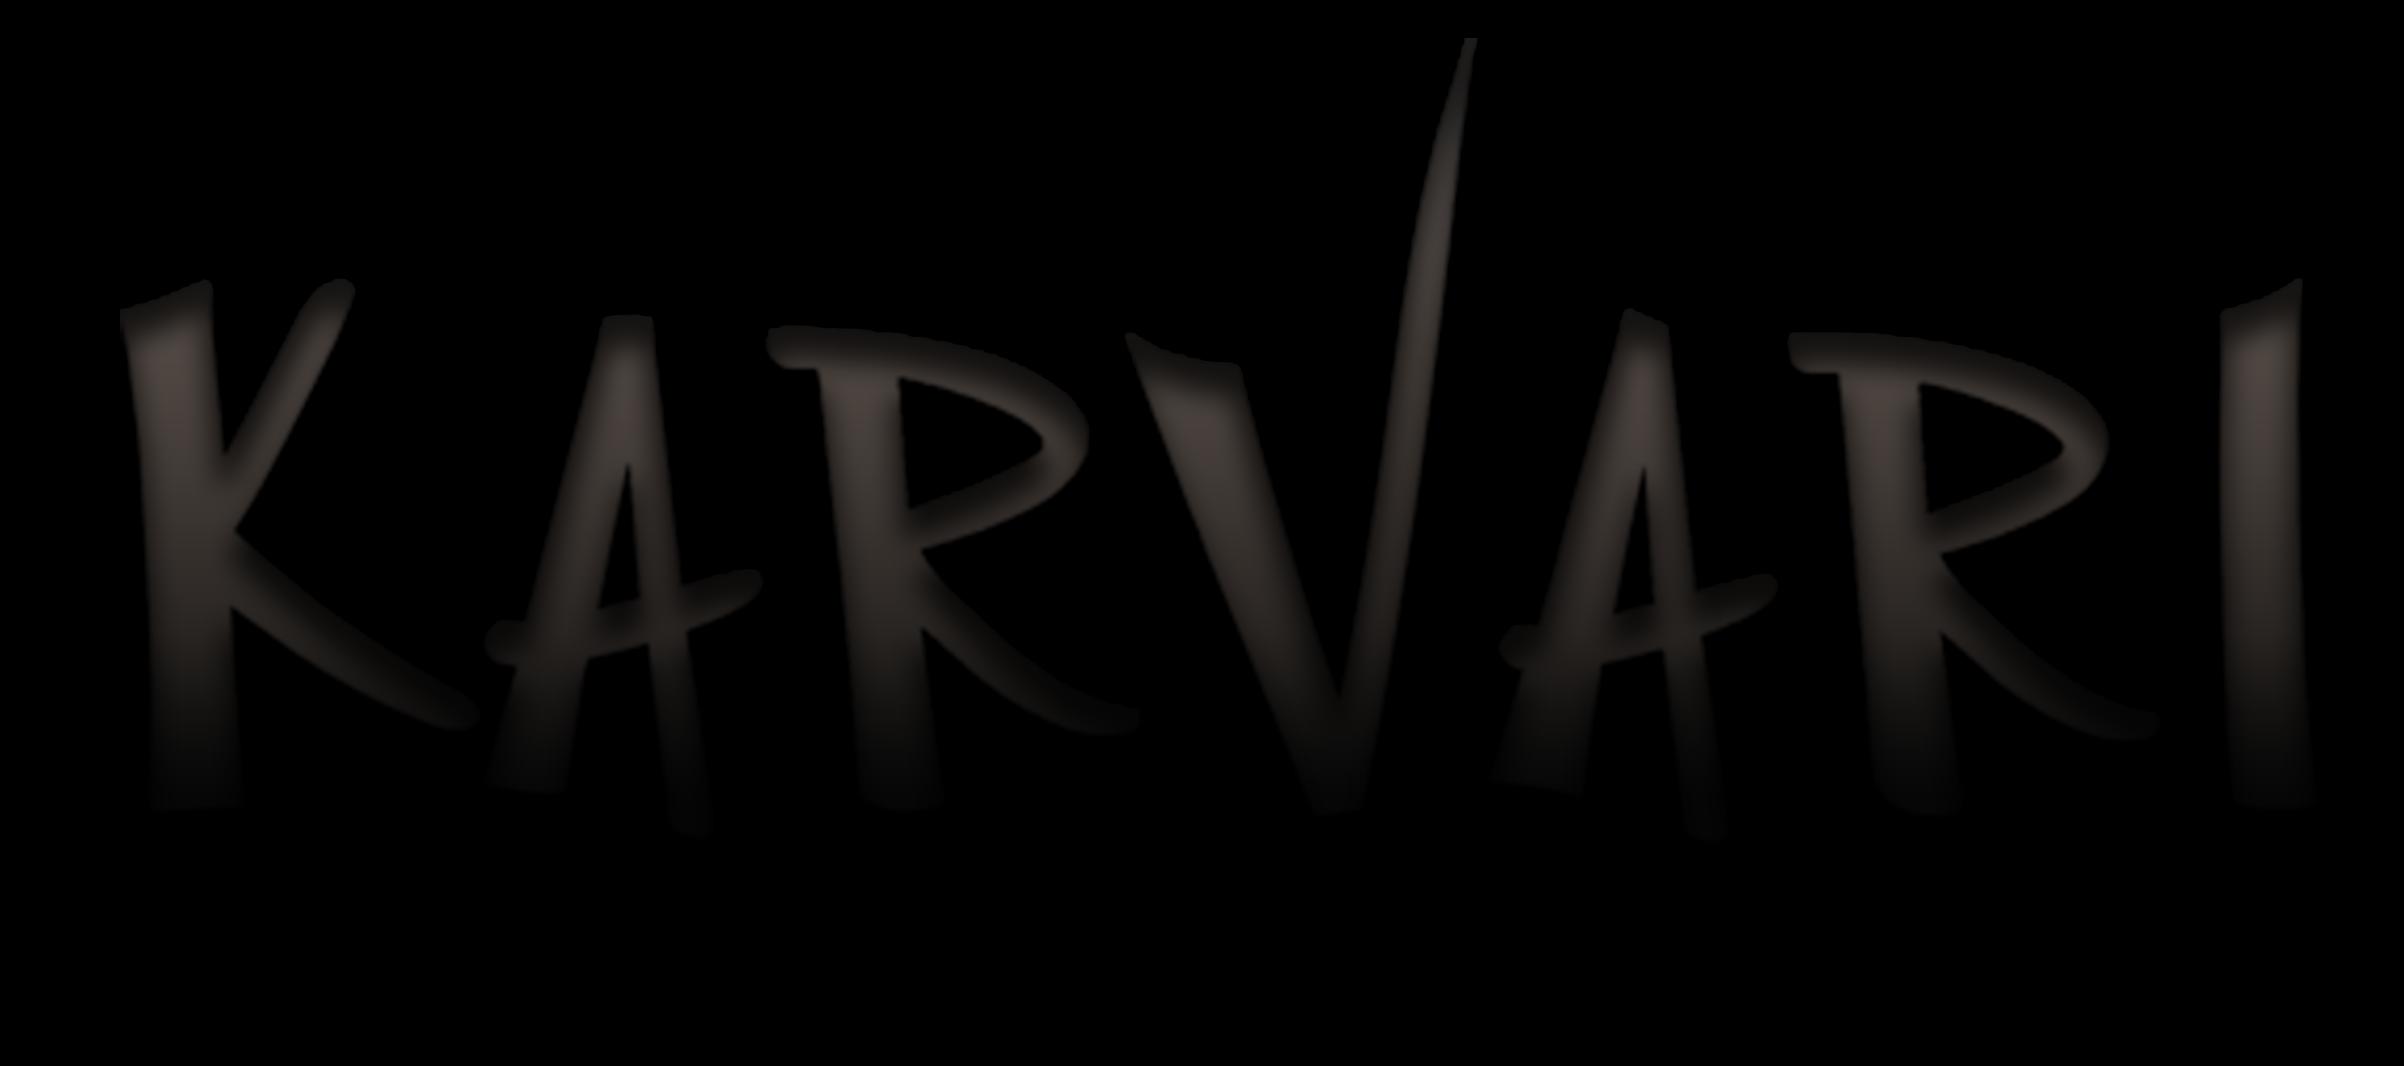 Karvari